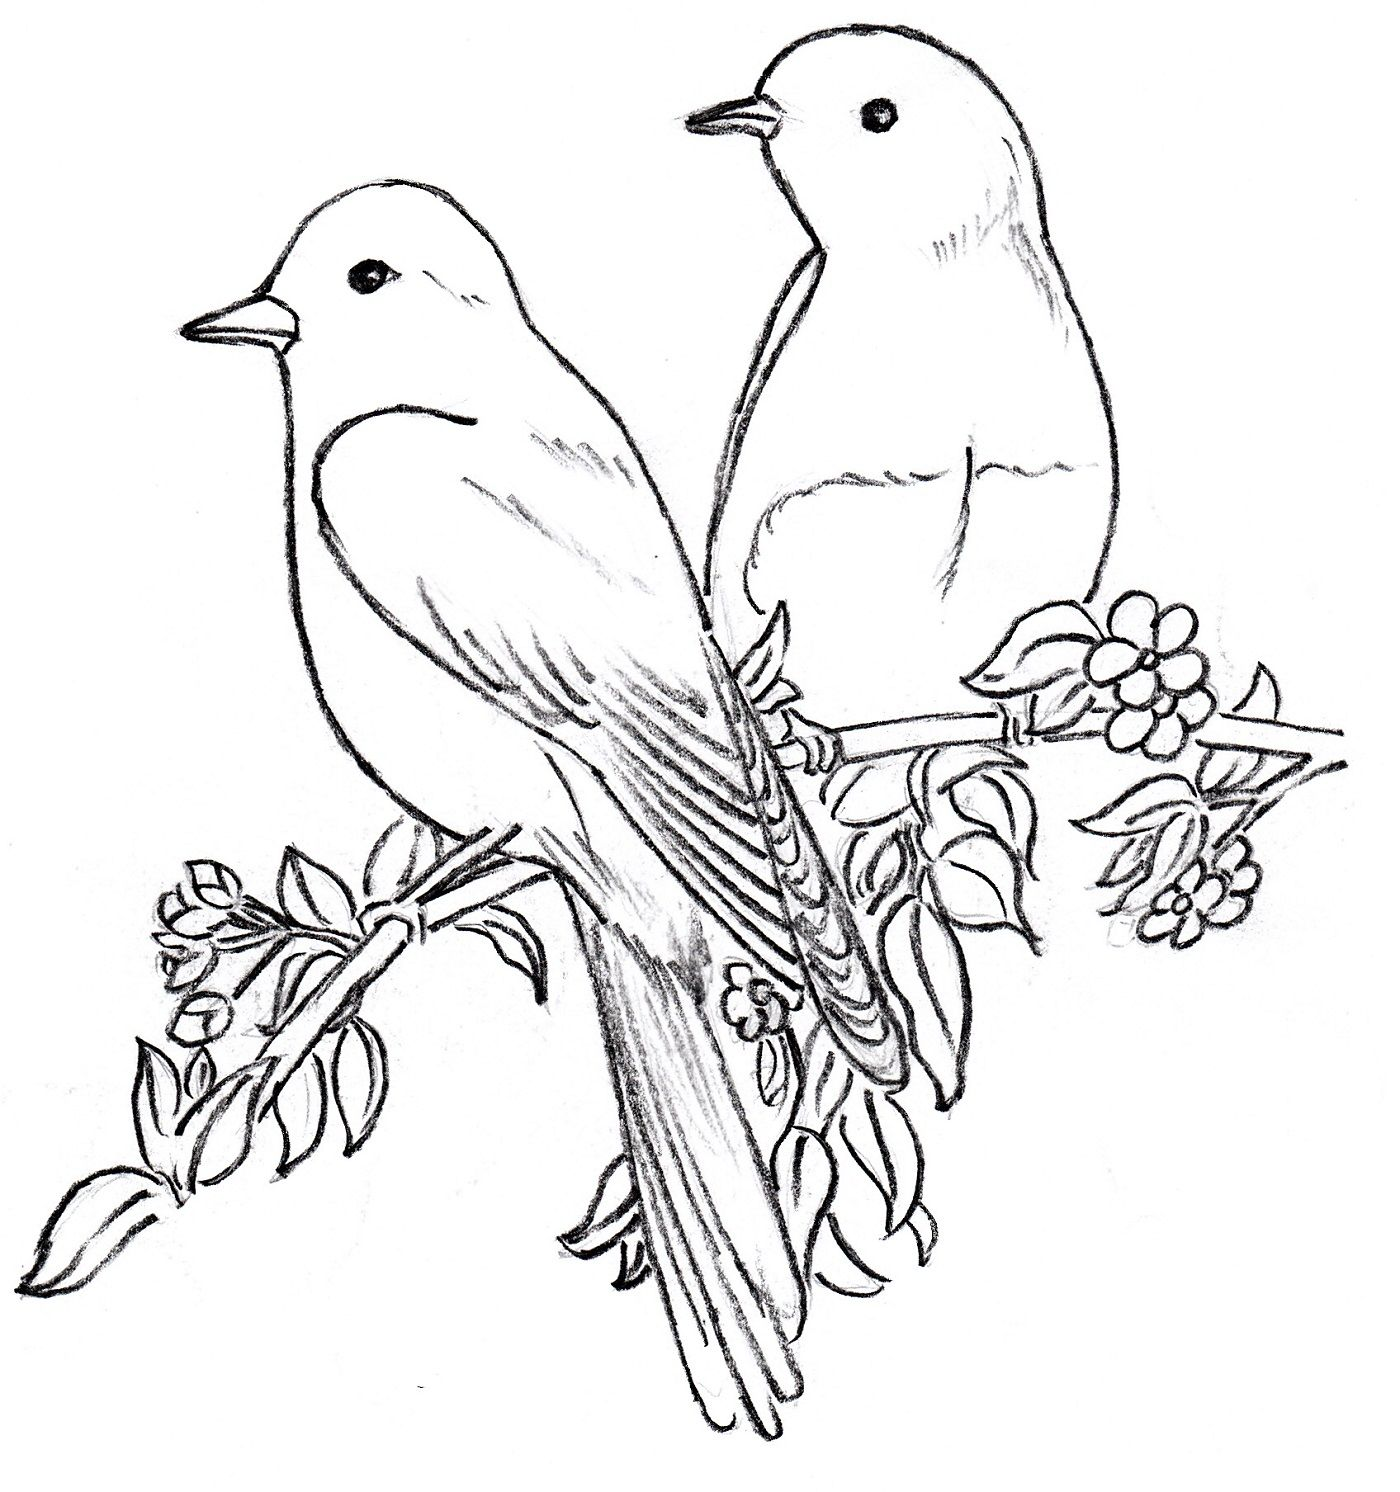 Tranh tô màu đôi chim hạnh phúc